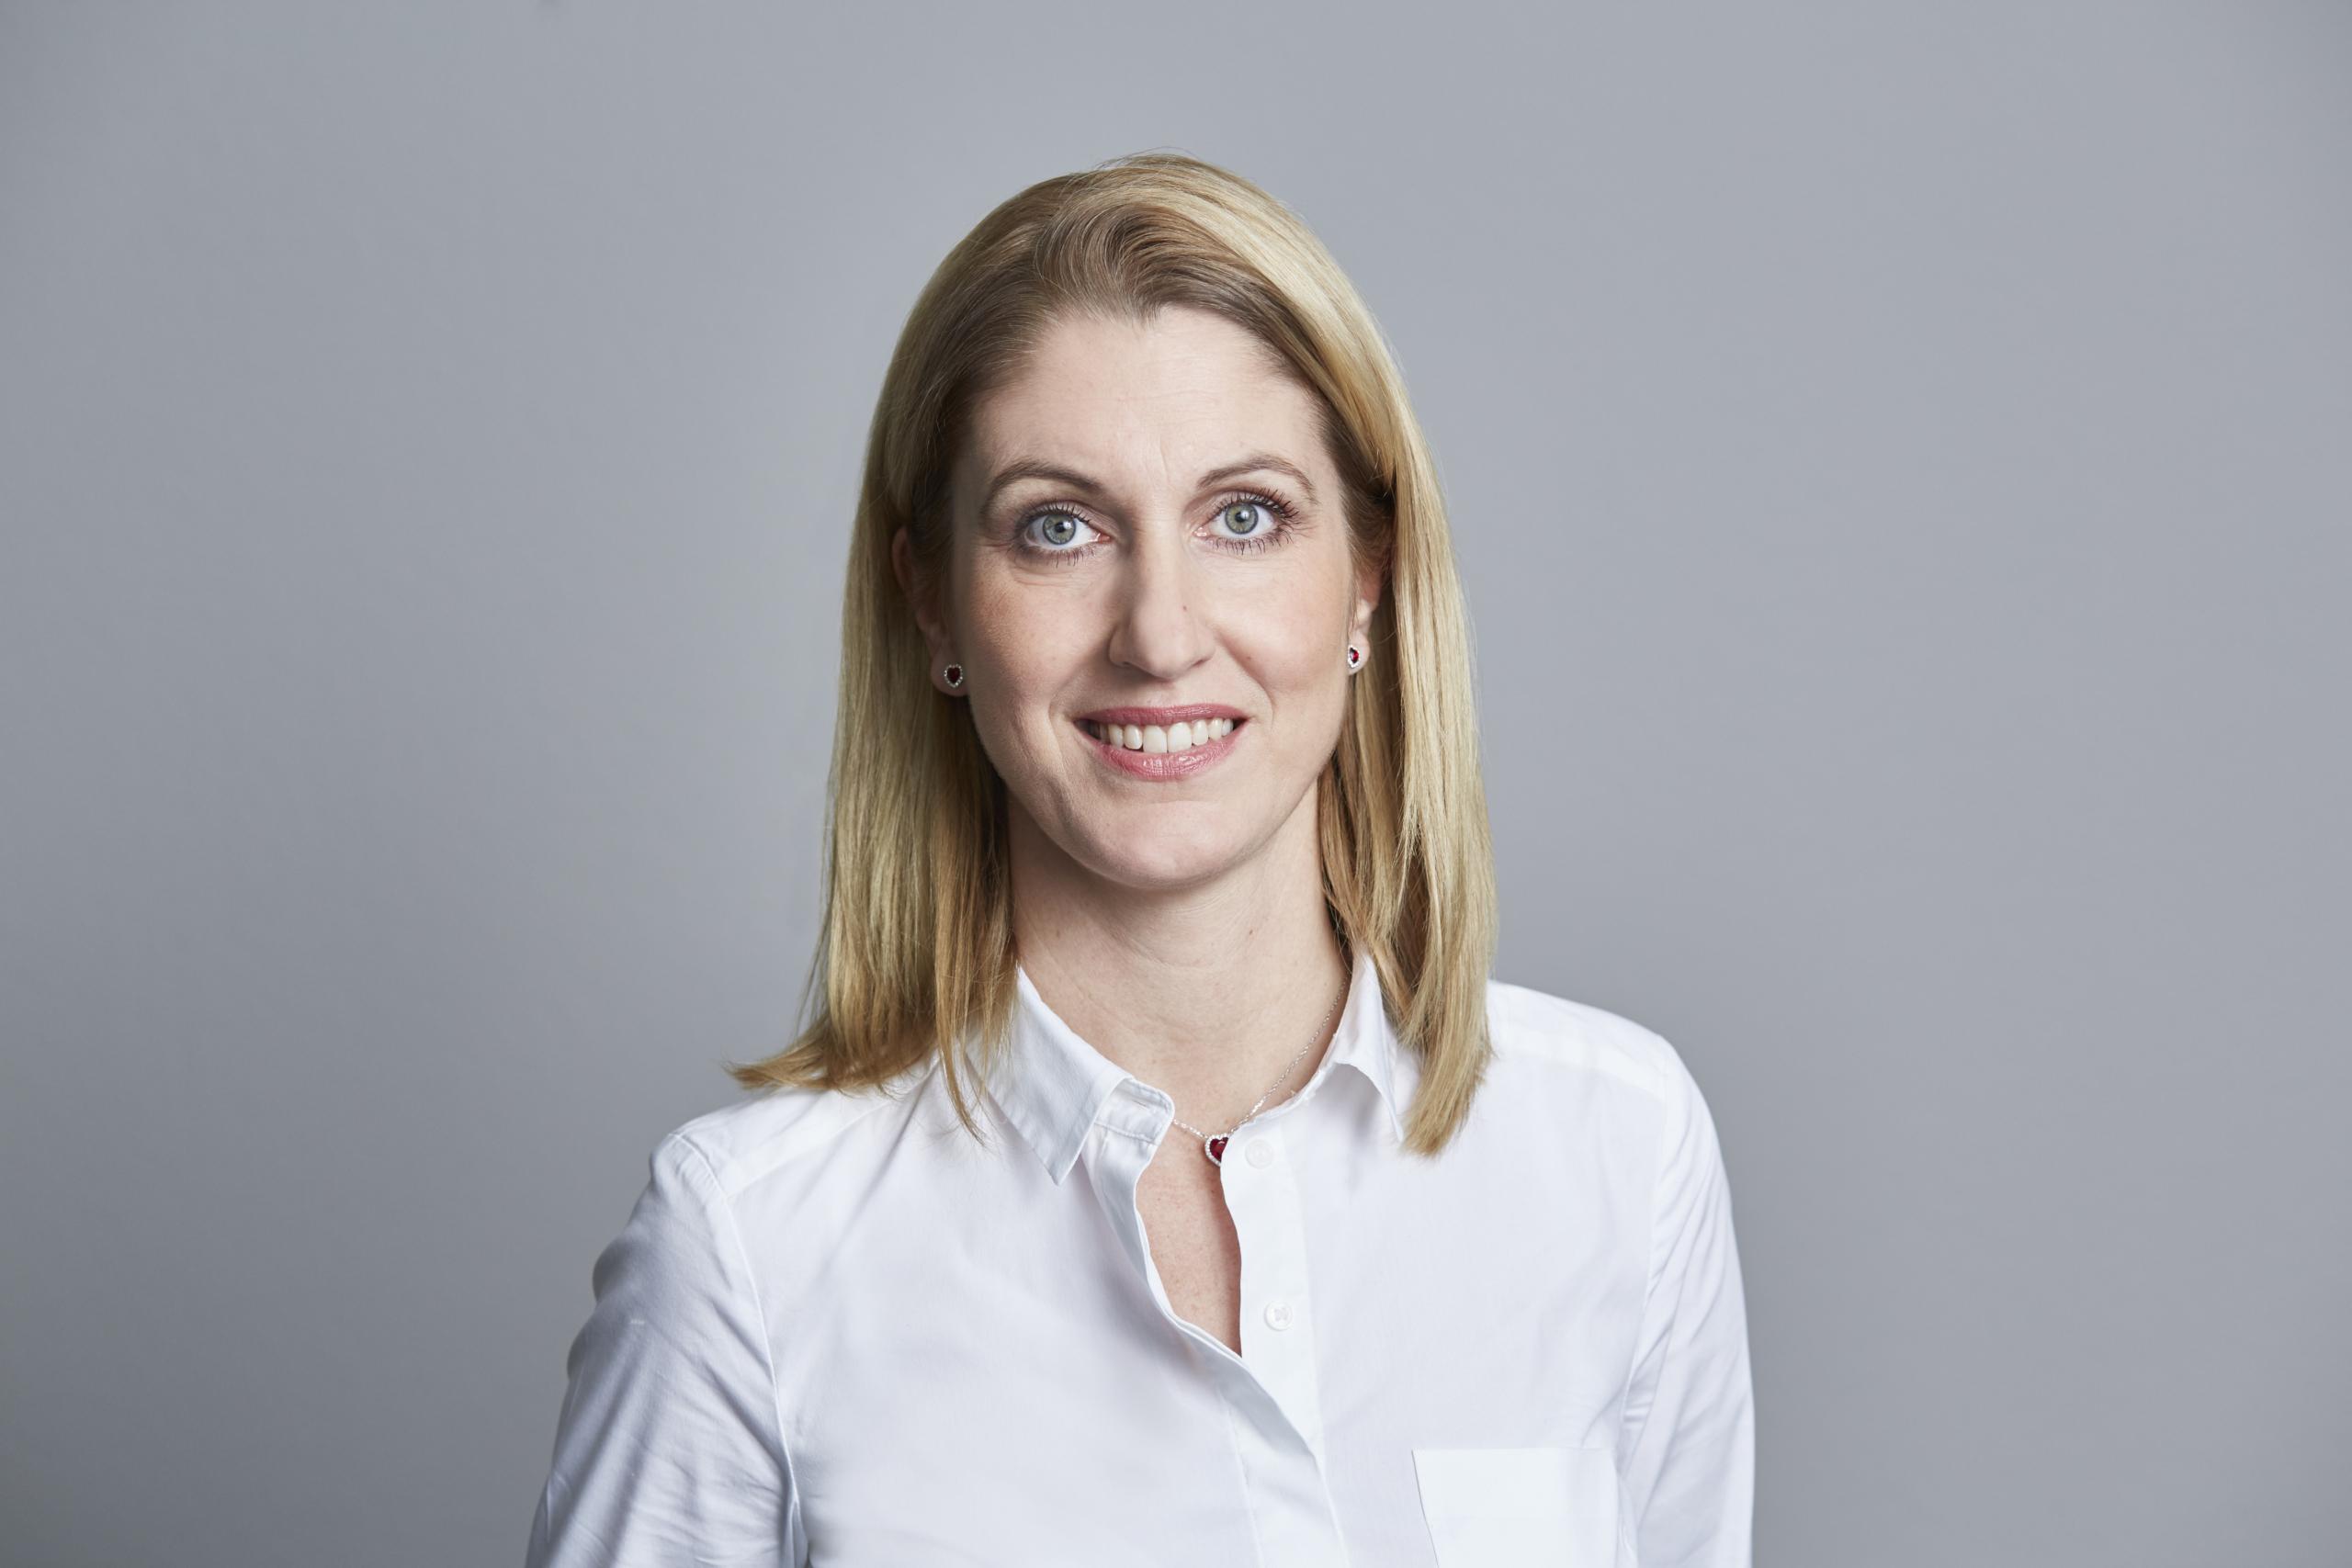 Unternehmensberatung in Hamburg und Kiel, Mitglied im BDU und ausgezeichnet als Top Consultant.